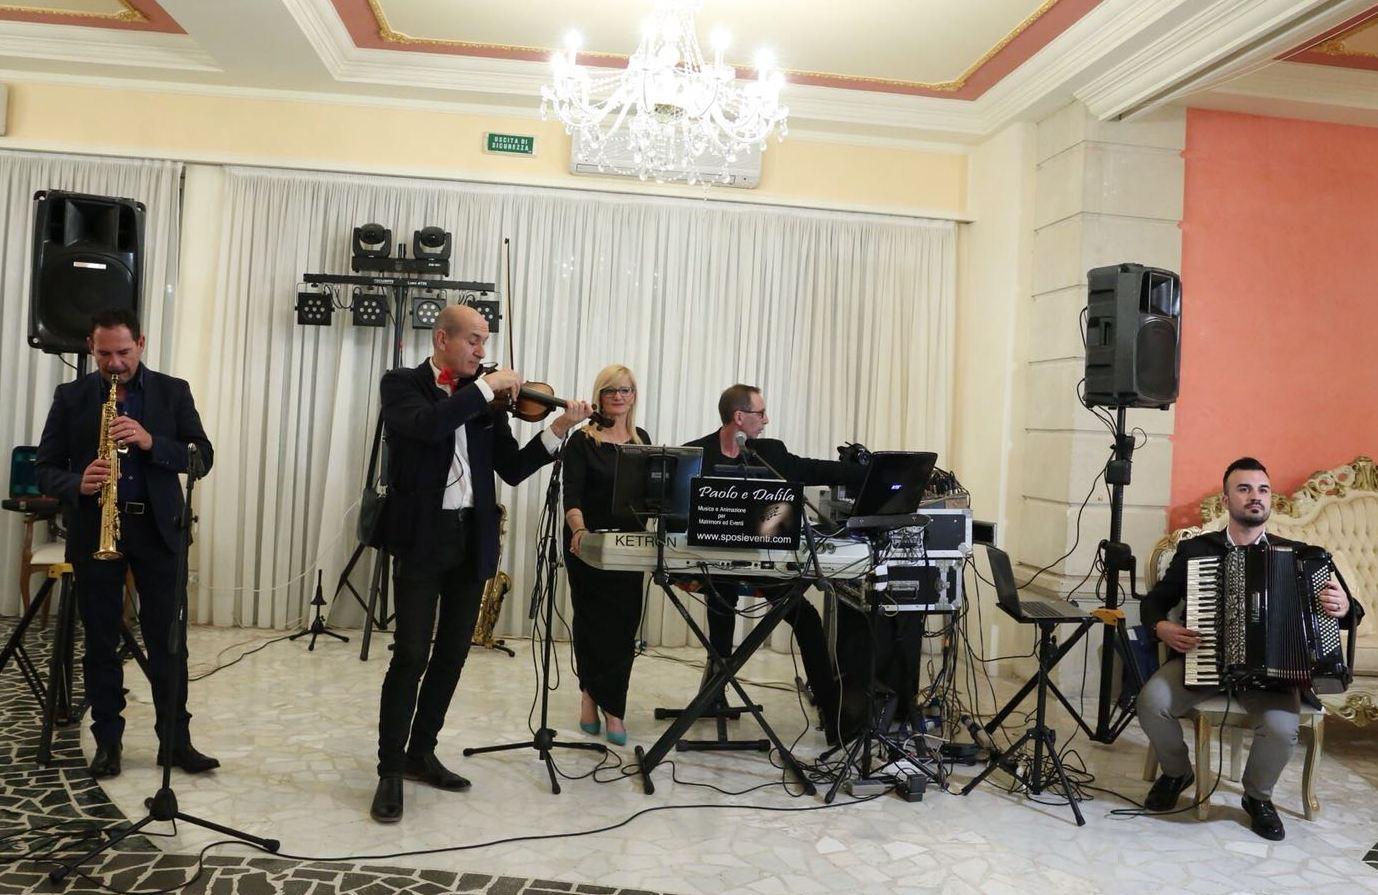 Paolo e Dalila Live musicisti specializzati in musica per matrimonio Lecce e Provincia